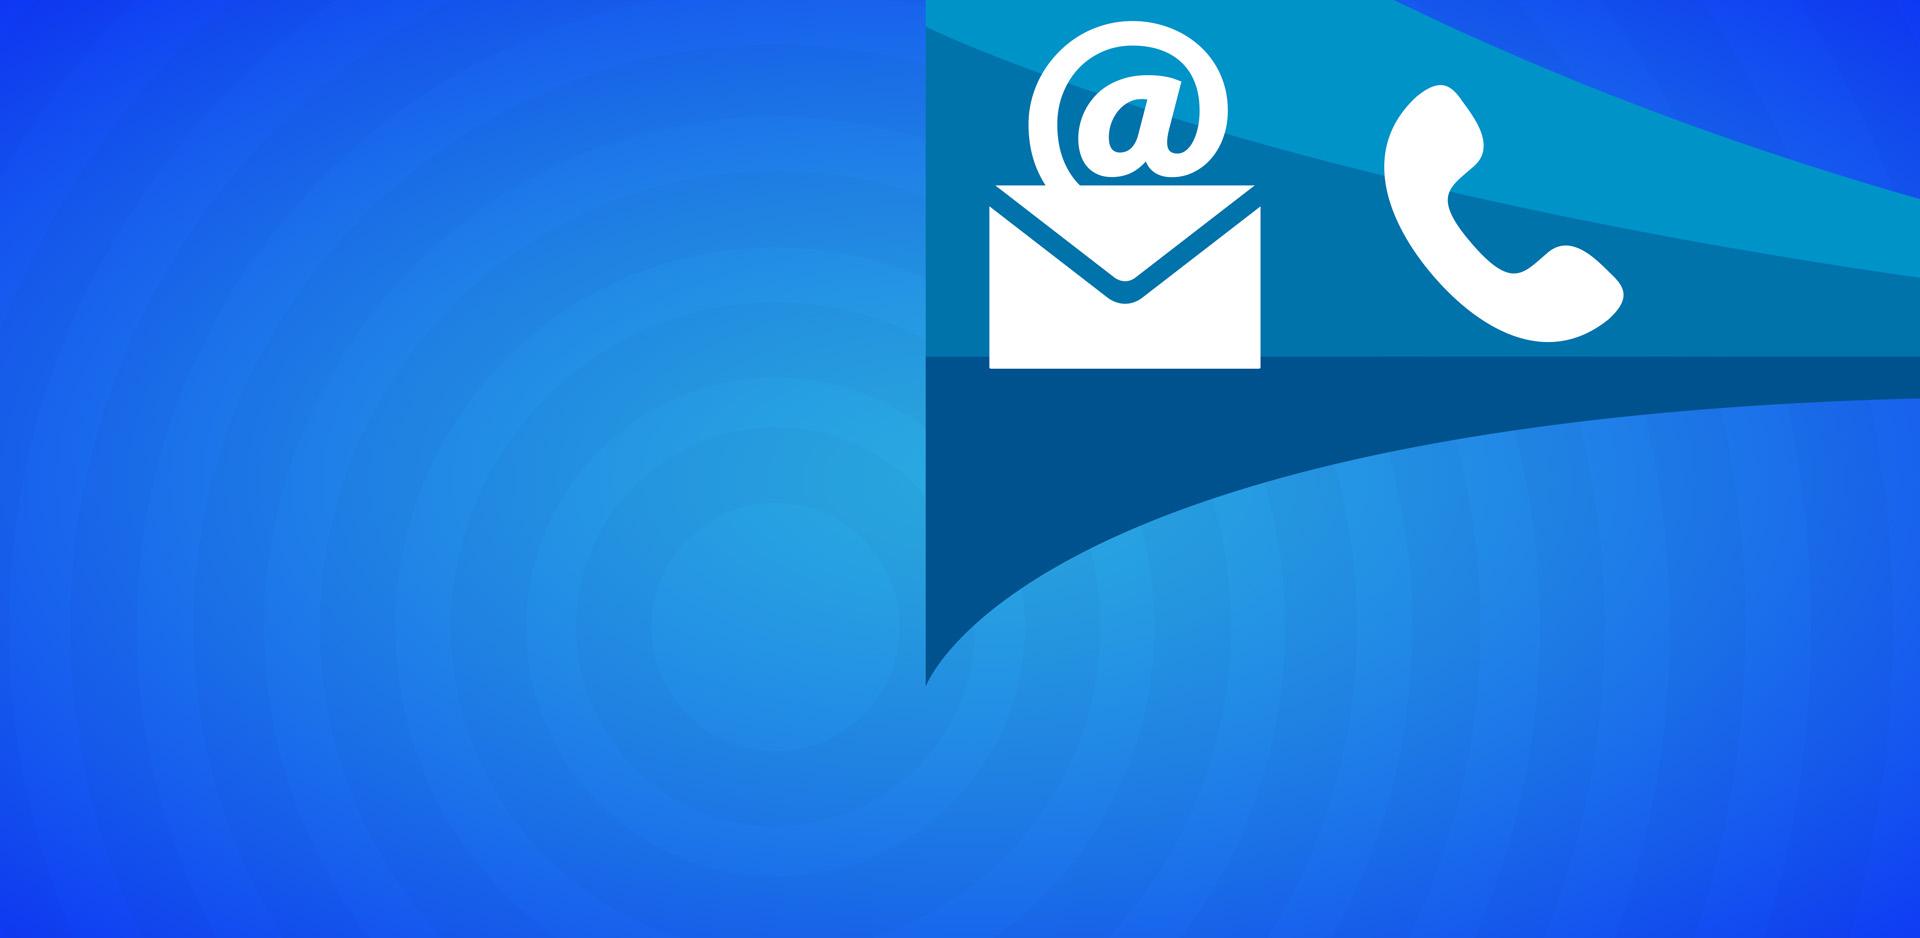 imagem grafica em azul com os icons de um telefone e um e-mail